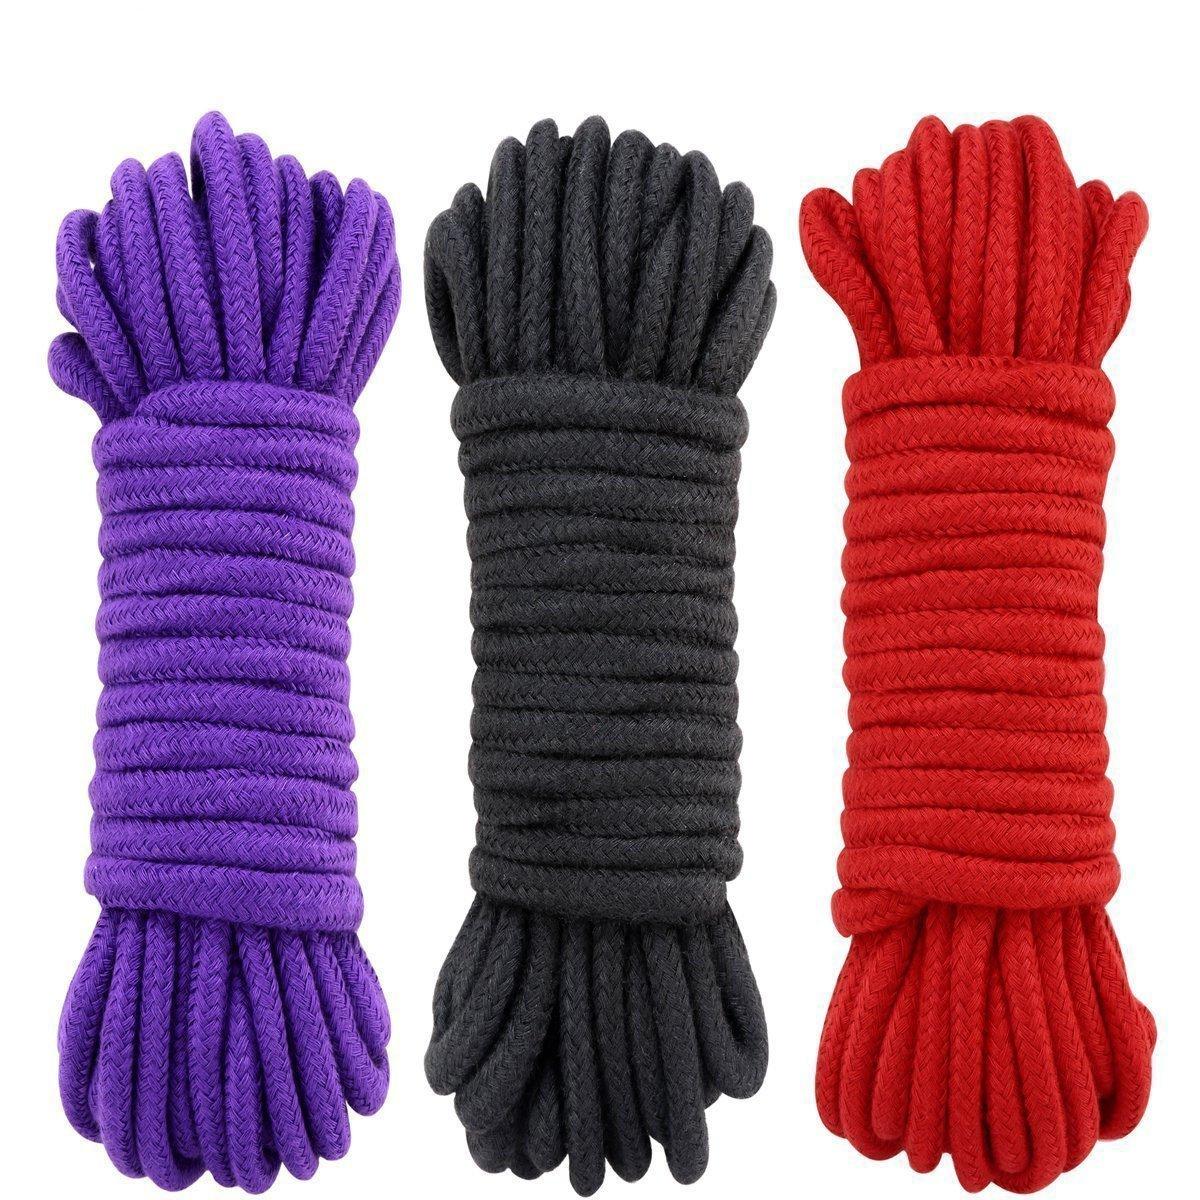 UWIME Baumwollseil, Allzweckweiches Seil, das natü rliches dauerhaftes Seil bindet, umsponnene Baumwollstarke Multifunktionsseil-lange Bü gel (3 Satz schwarz)